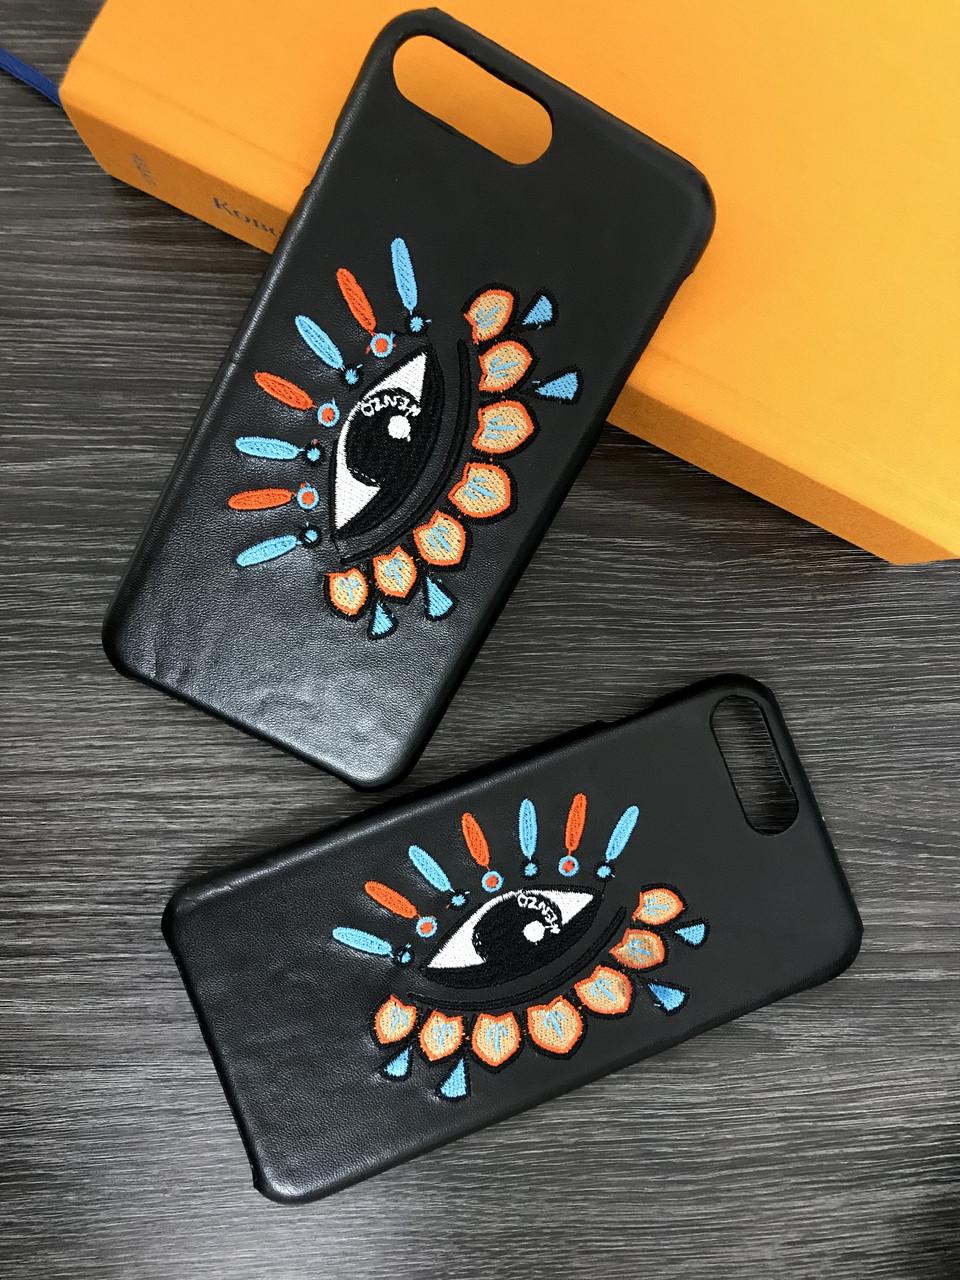 Плаcтиковая крышка iPhone 7 кожа черная глаз индейца